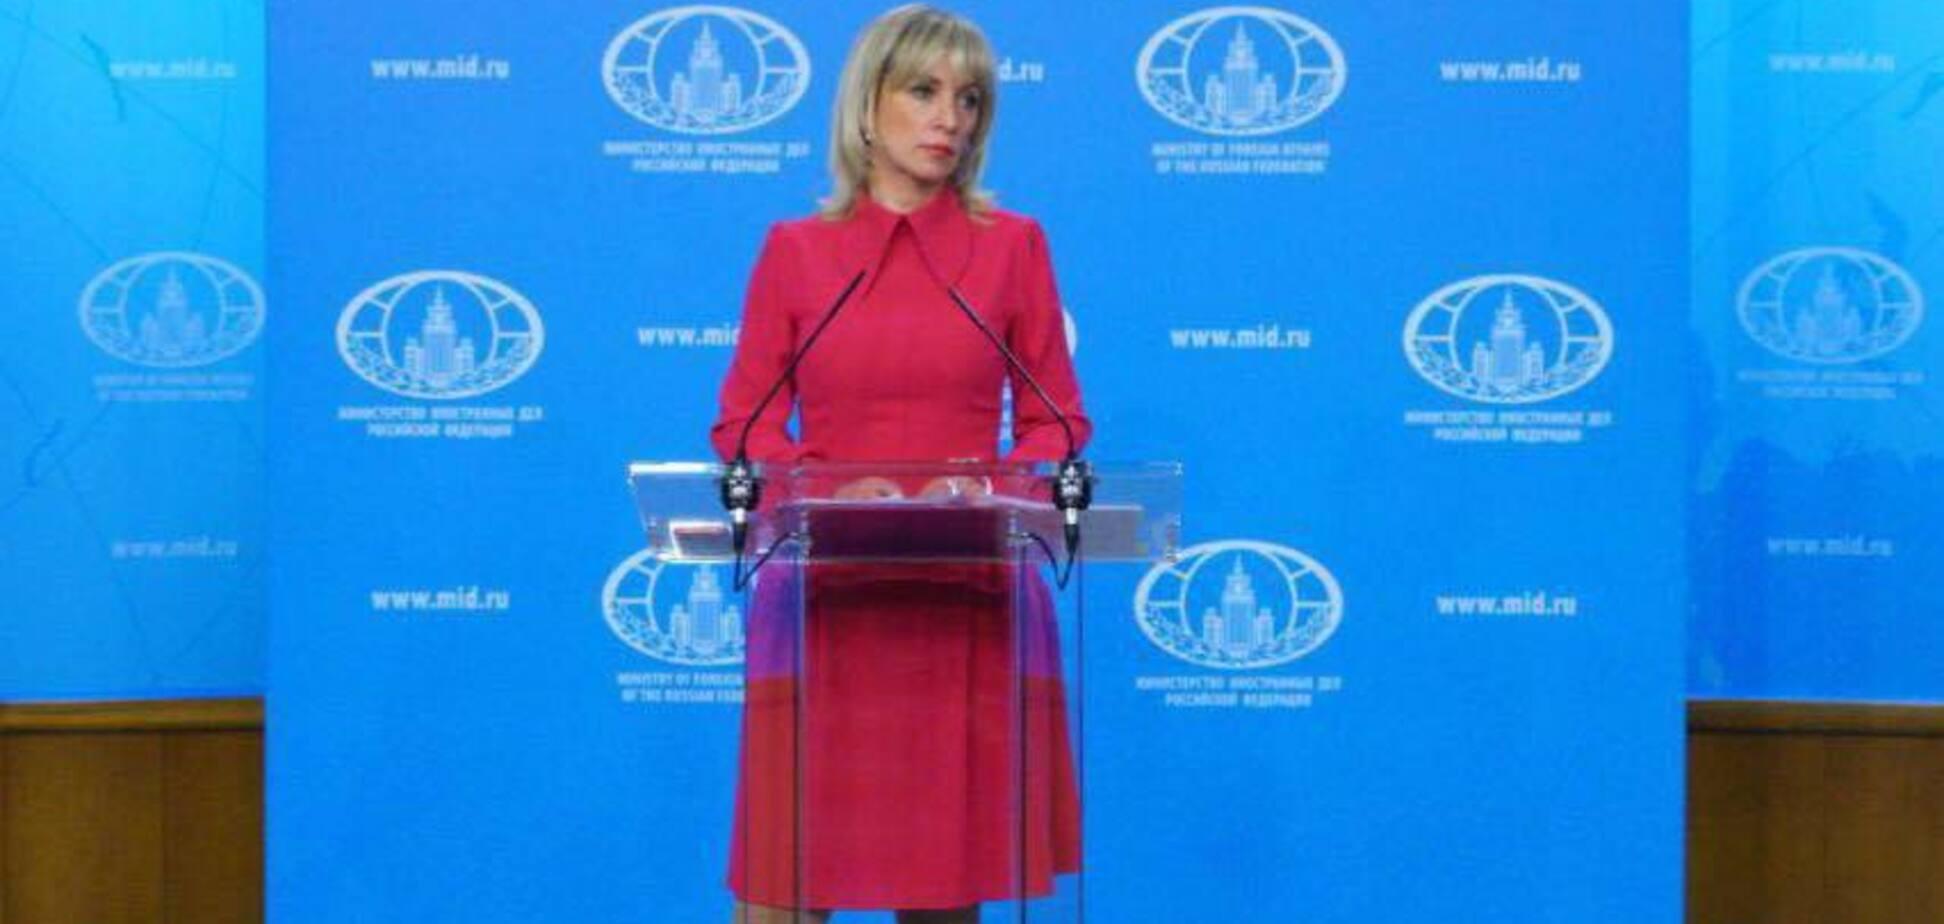 'Укрусь' или 'Русукра': Захарова унизила Украину из-за обвинения в краже истории